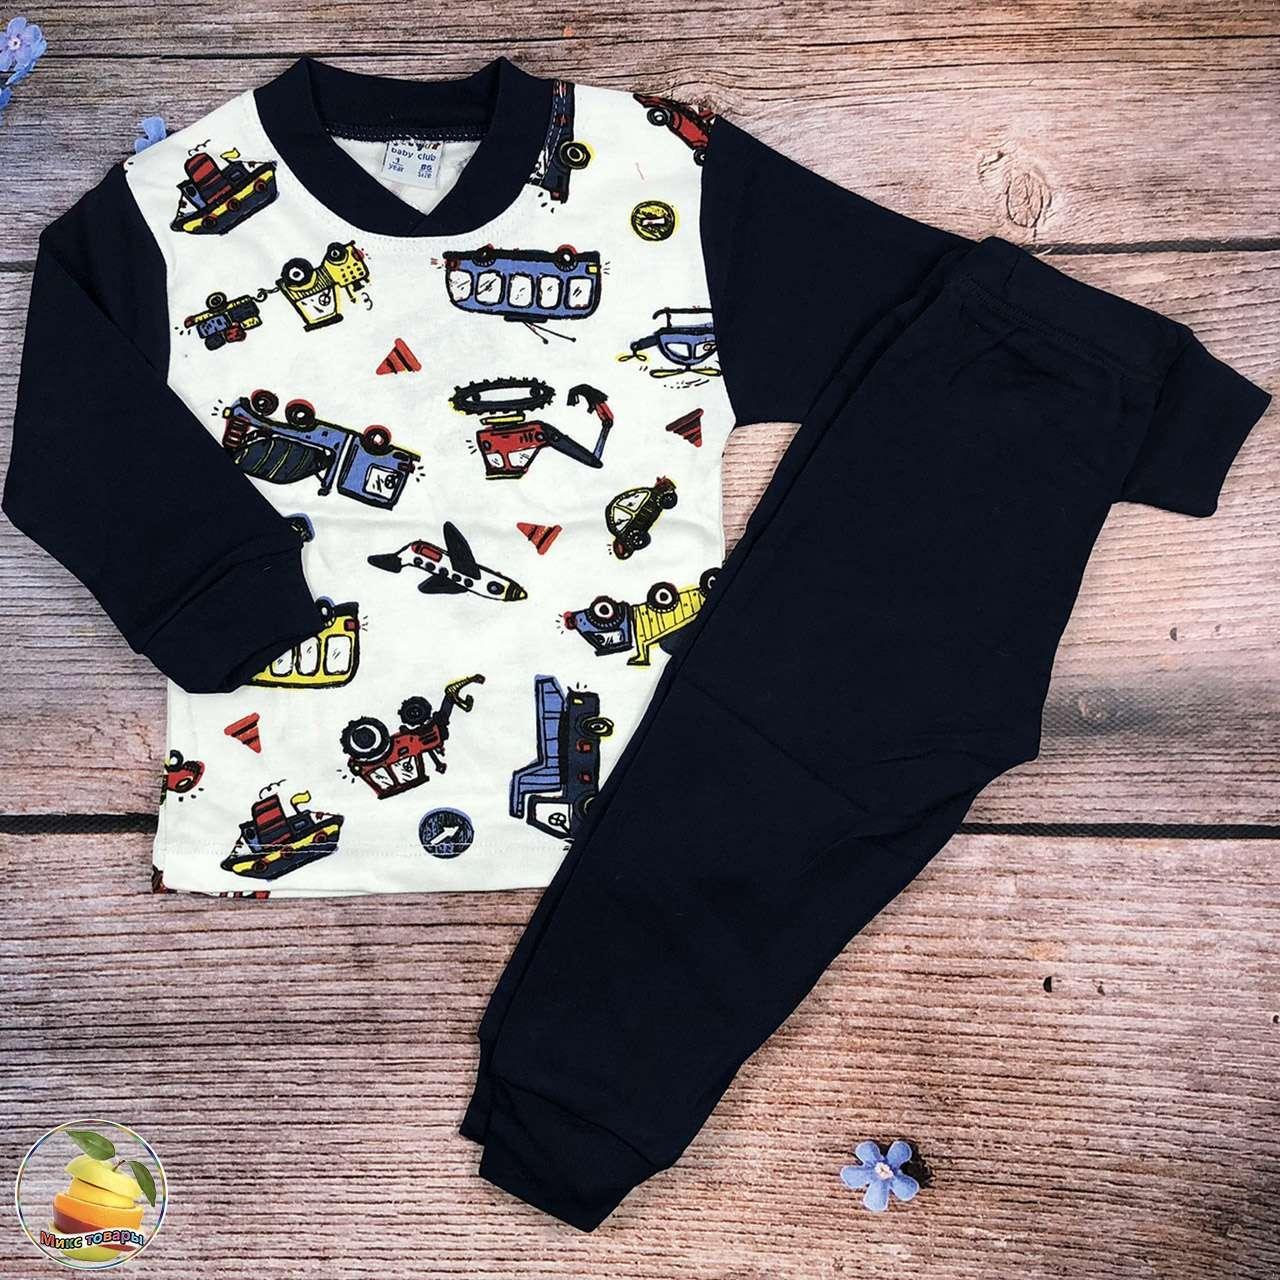 Пижама для маленького мальчика Рост: 86,92,98,104 см (20143)